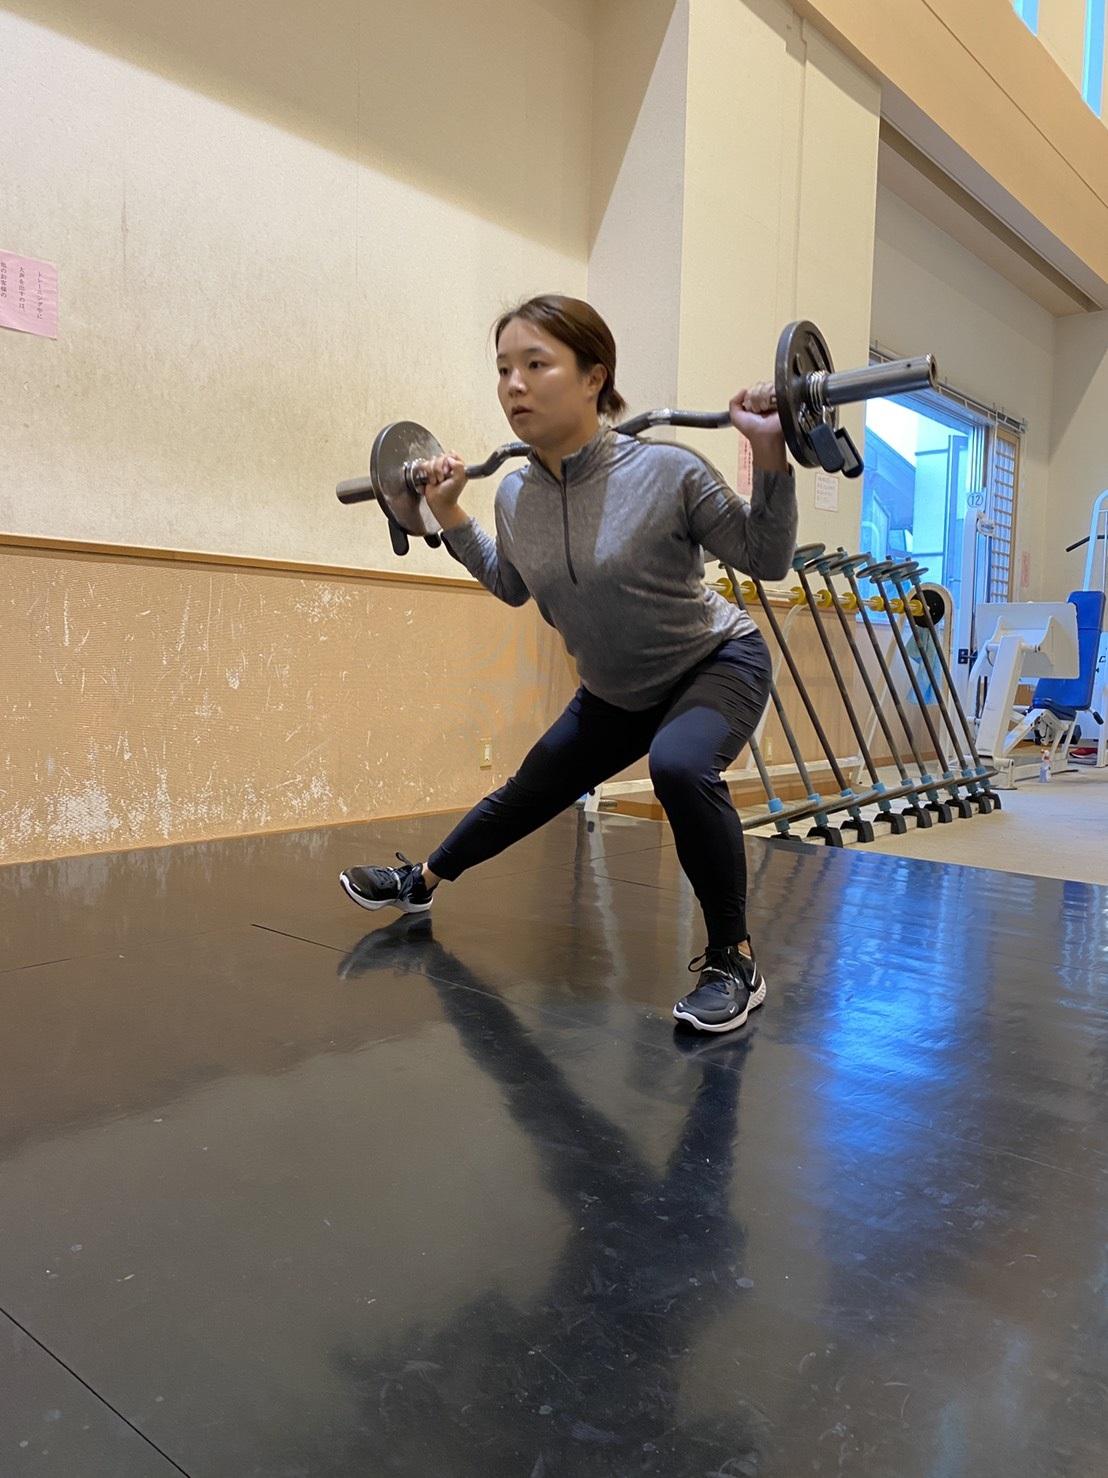 年下に負けない体力を目指し、トレーニングを行う25歳、永峰咲希(本人提供)